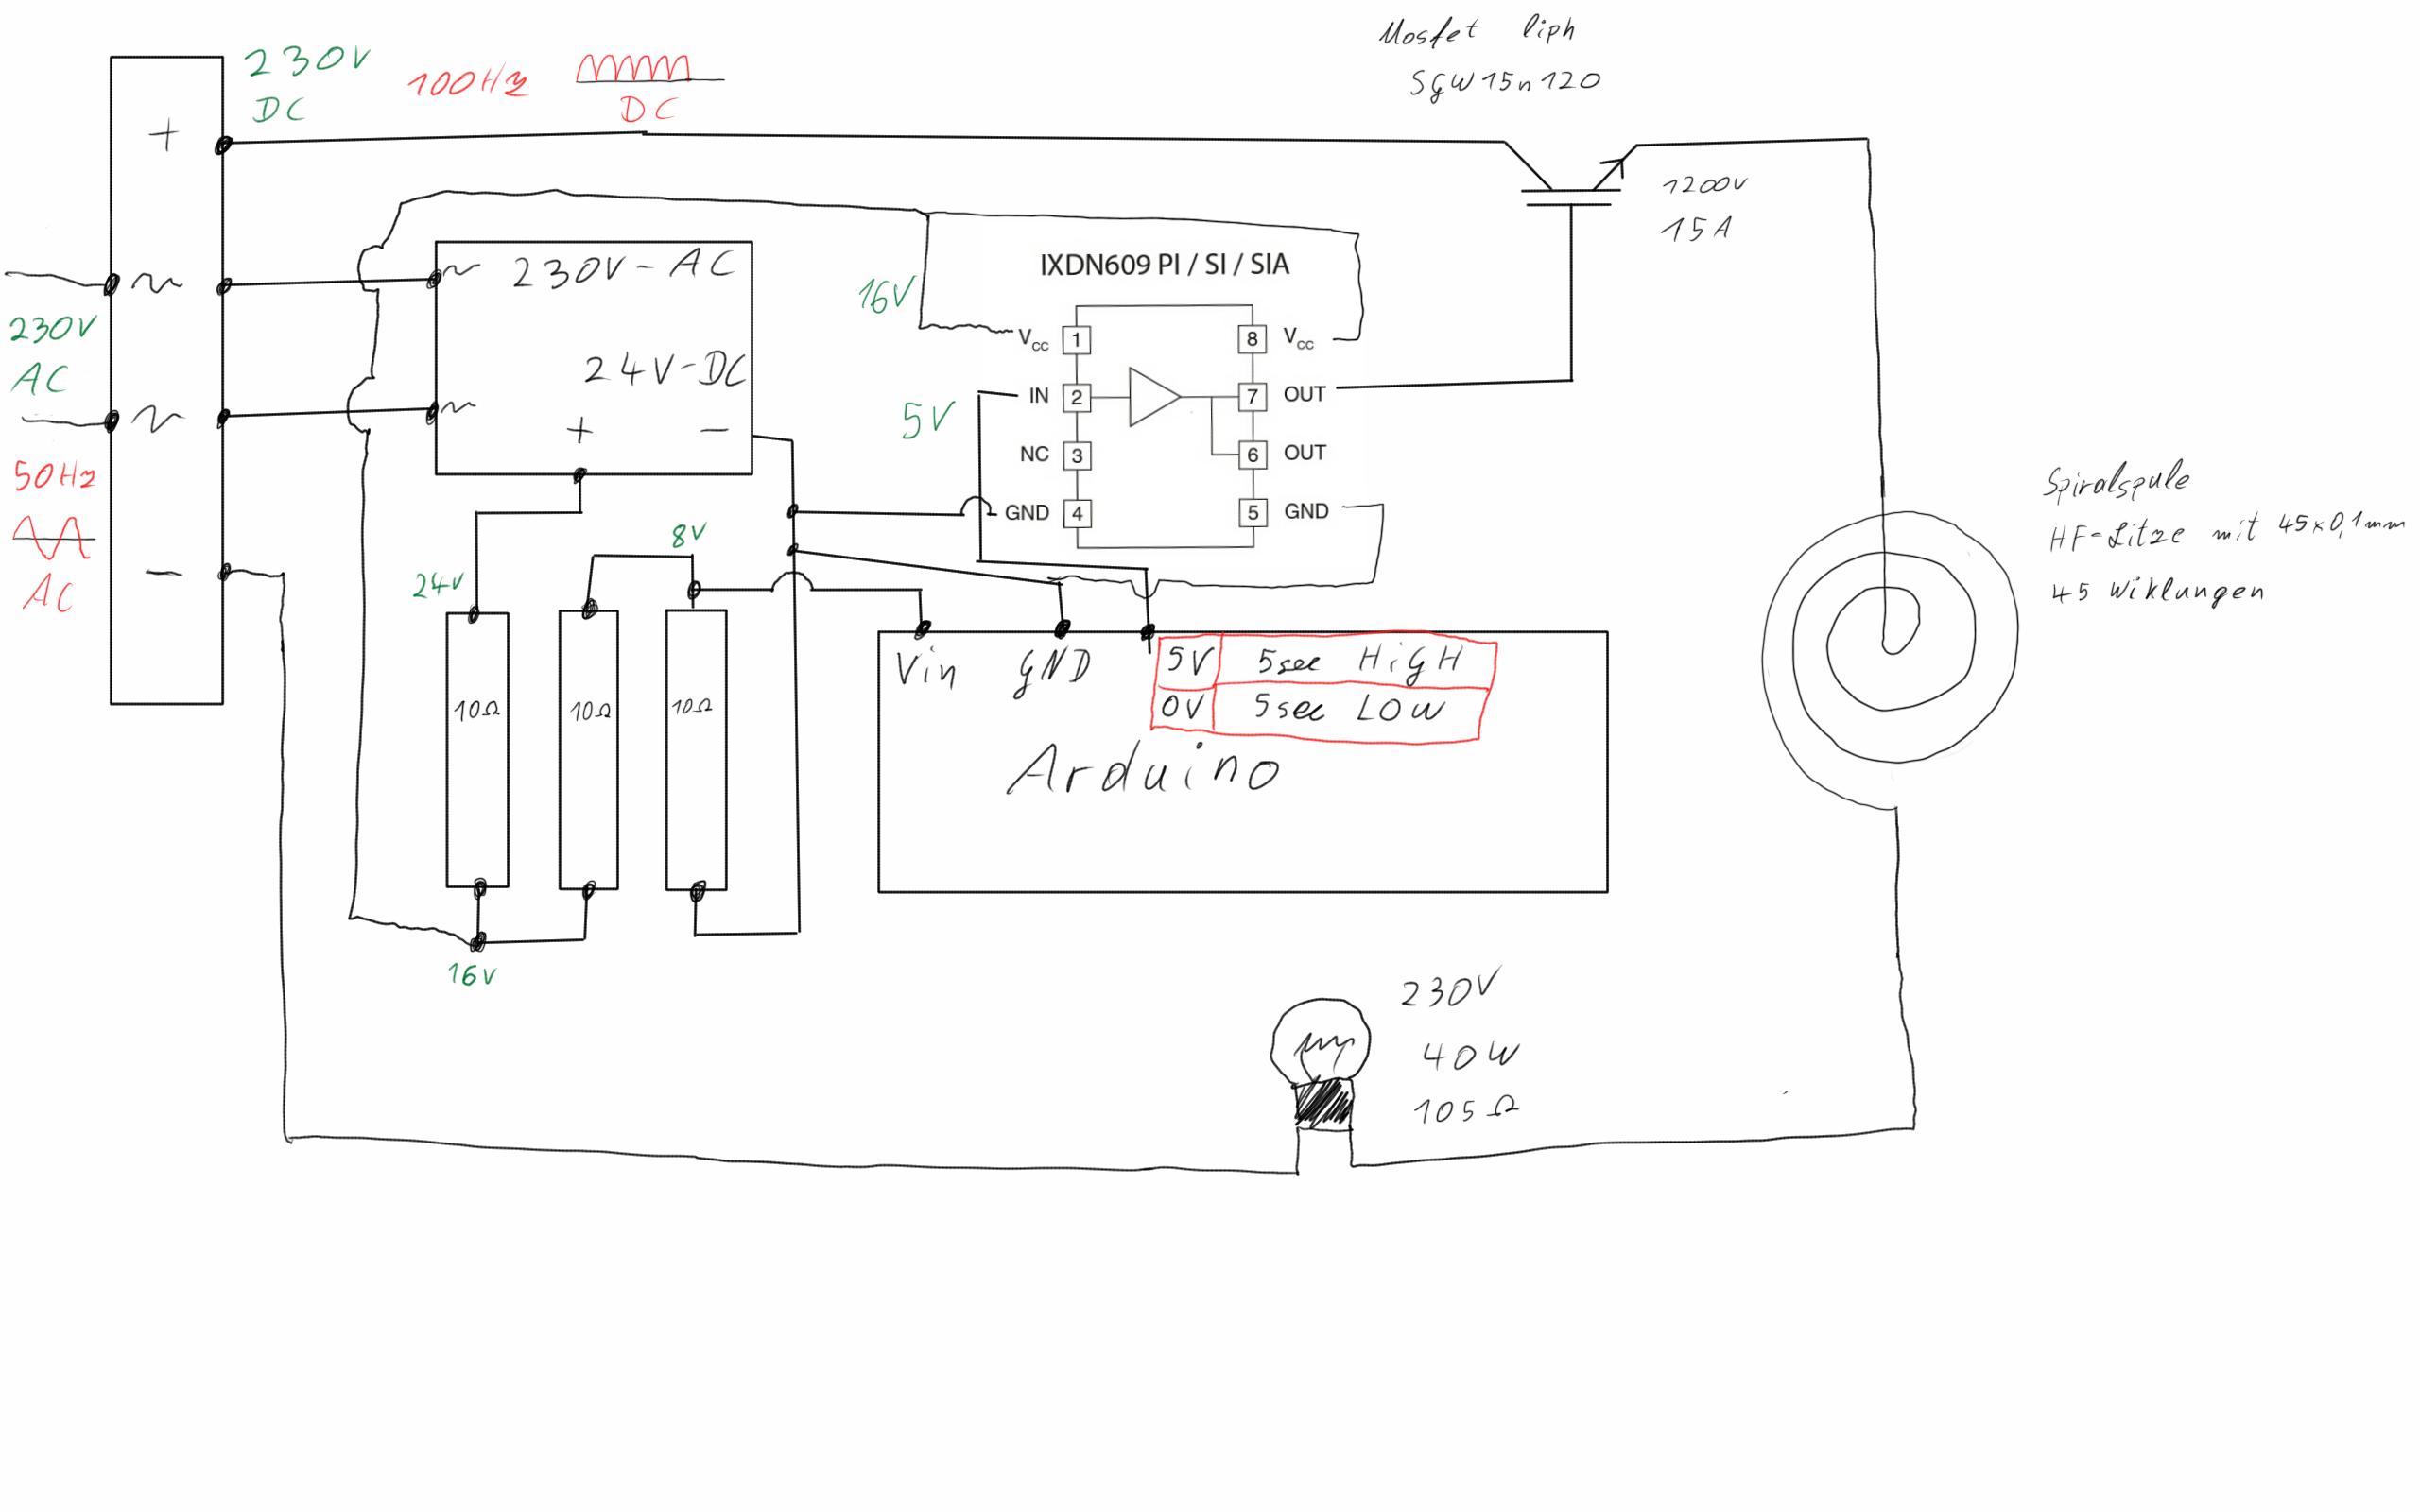 induktionsherd selber bauen mit igbt 39 s problem. Black Bedroom Furniture Sets. Home Design Ideas